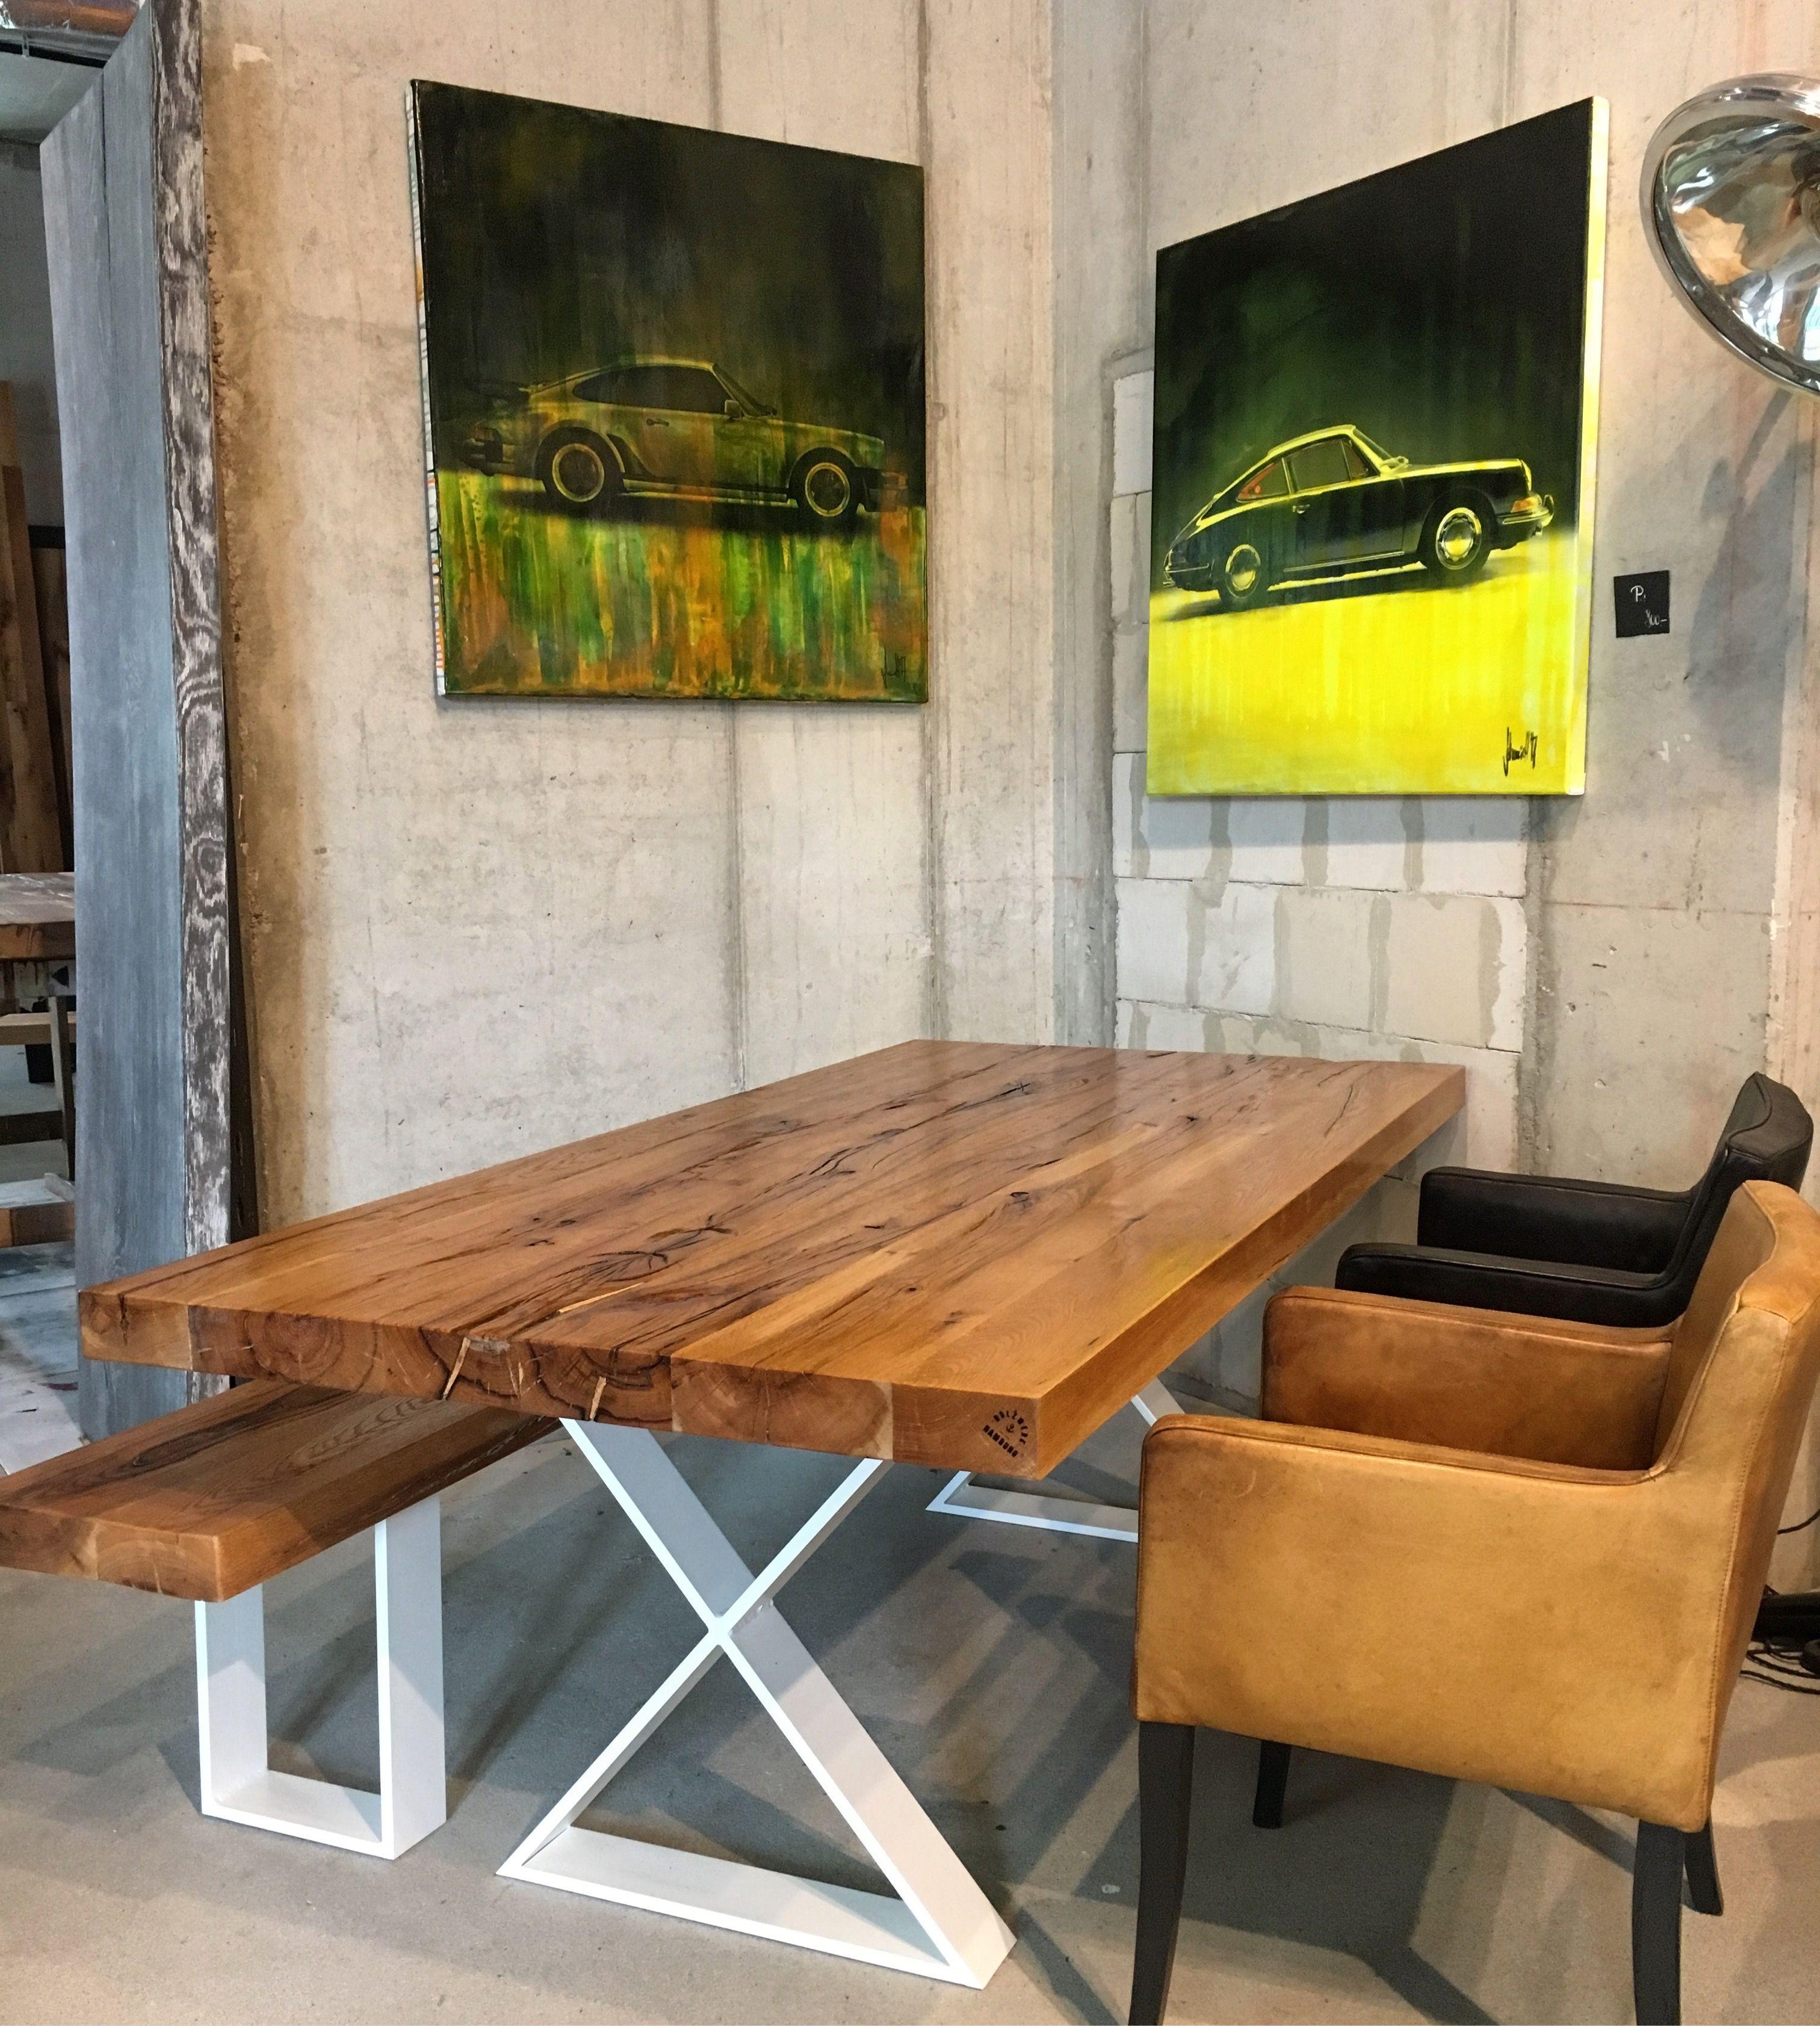 massivholztisch stammholztisch baumtisch tisch holztisch liveedgetable altholz tisch www. Black Bedroom Furniture Sets. Home Design Ideas